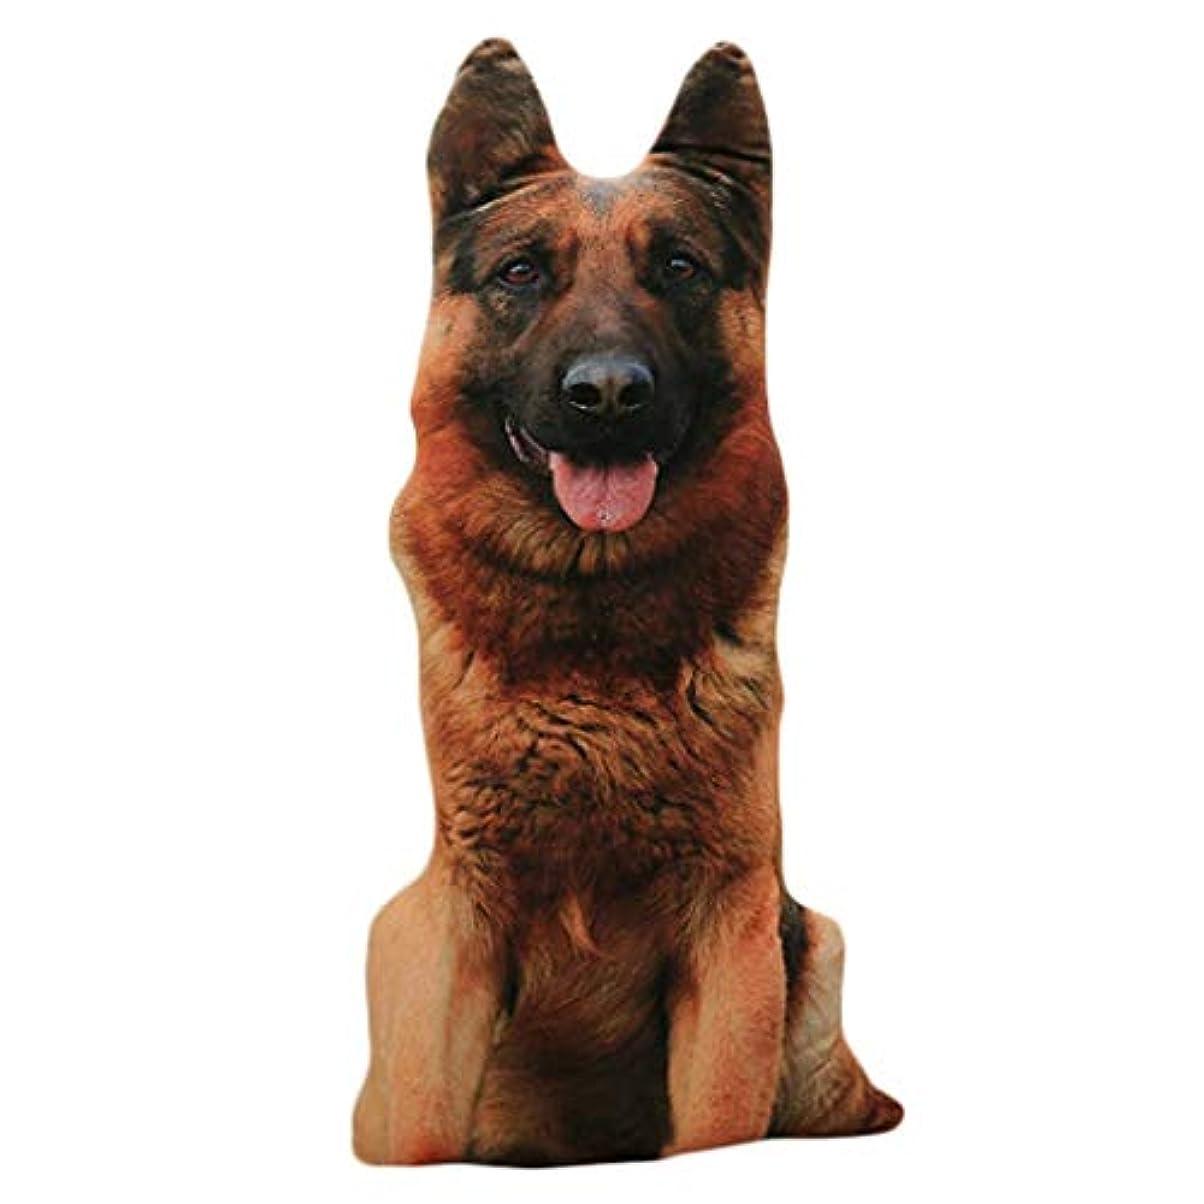 研磨剤故障中材料LIFE 装飾クッションソファおかしい 3D 犬印刷スロー枕創造クッションかわいいぬいぐるみギフト家の装飾 coussin decoratif クッション 椅子